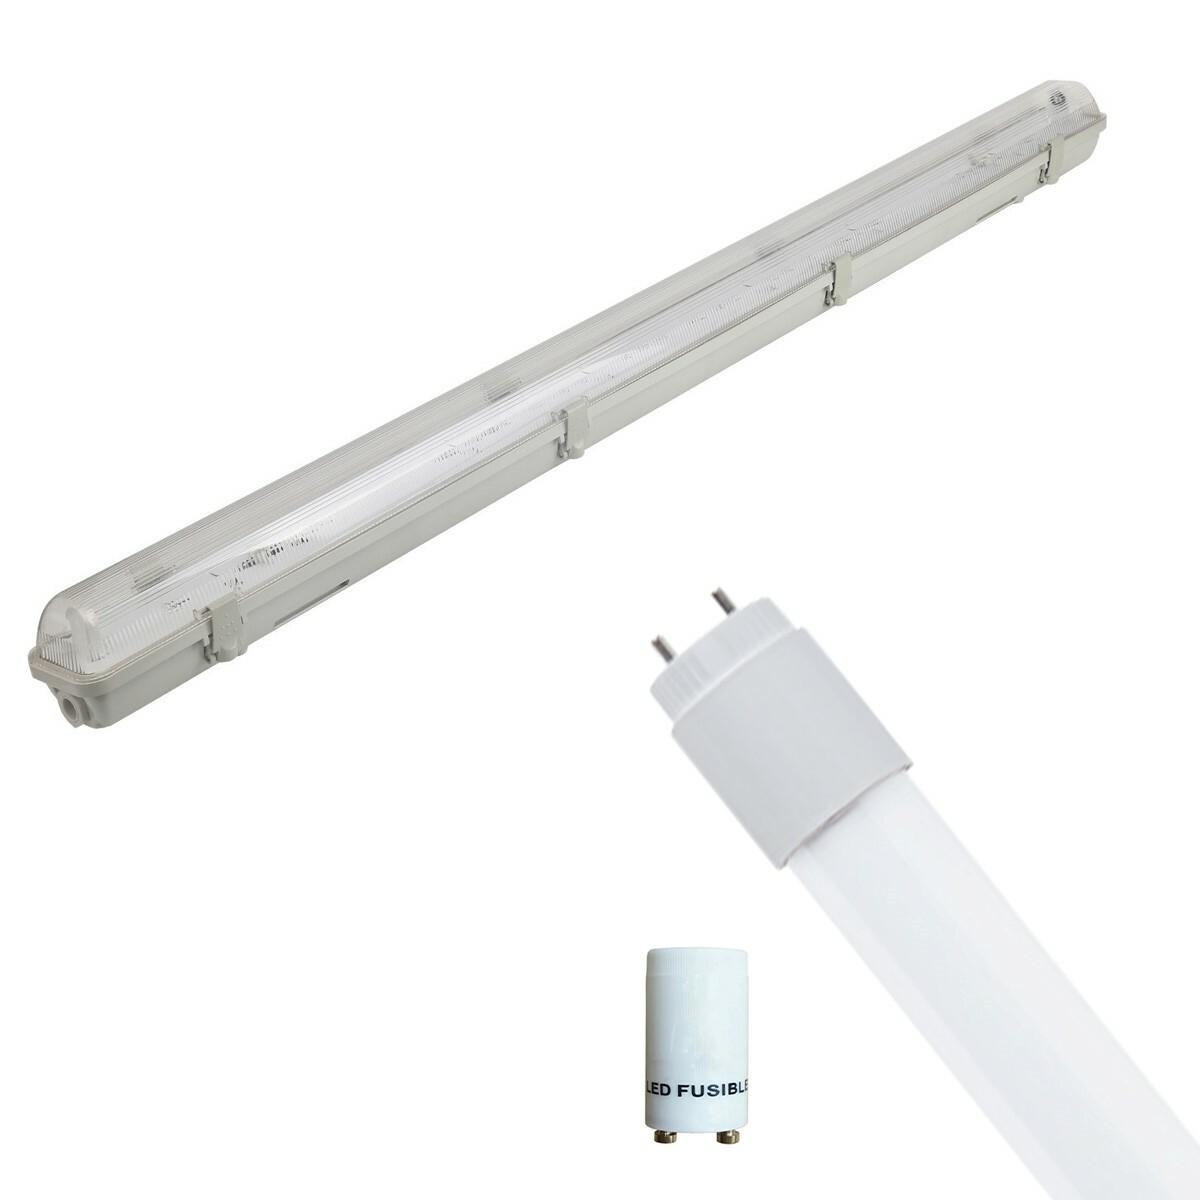 LED TL Armatuur met T8 Buis Incl. Starter - Aigi Hari - 120cm Enkel - 16W - Helder/Koud Wit 6400K -